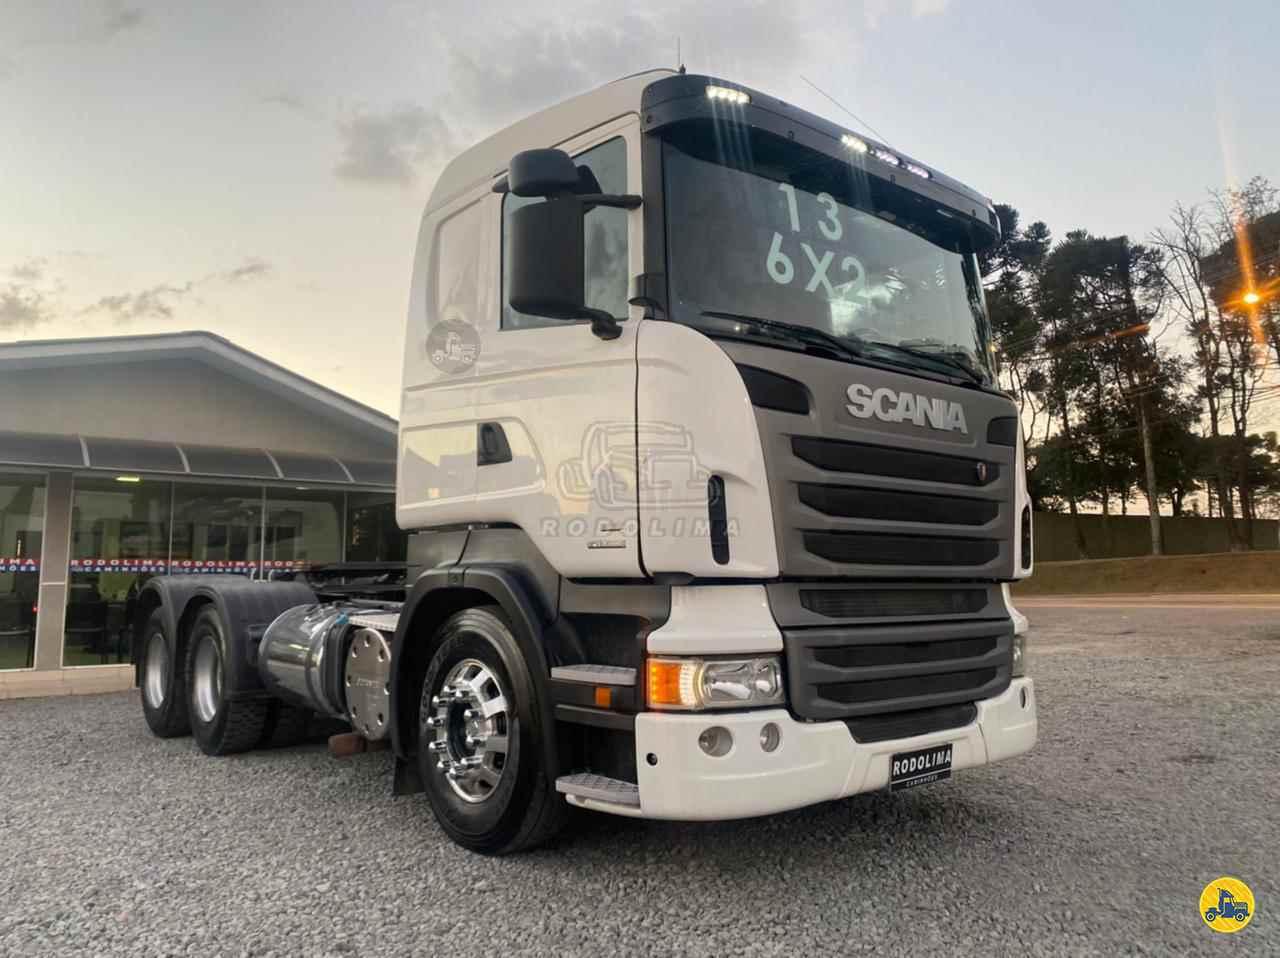 CAMINHAO SCANIA SCANIA 400 Cavalo Mecânico Truck 6x2 Rodolima Caminhões CURITIBA PARANÁ PR